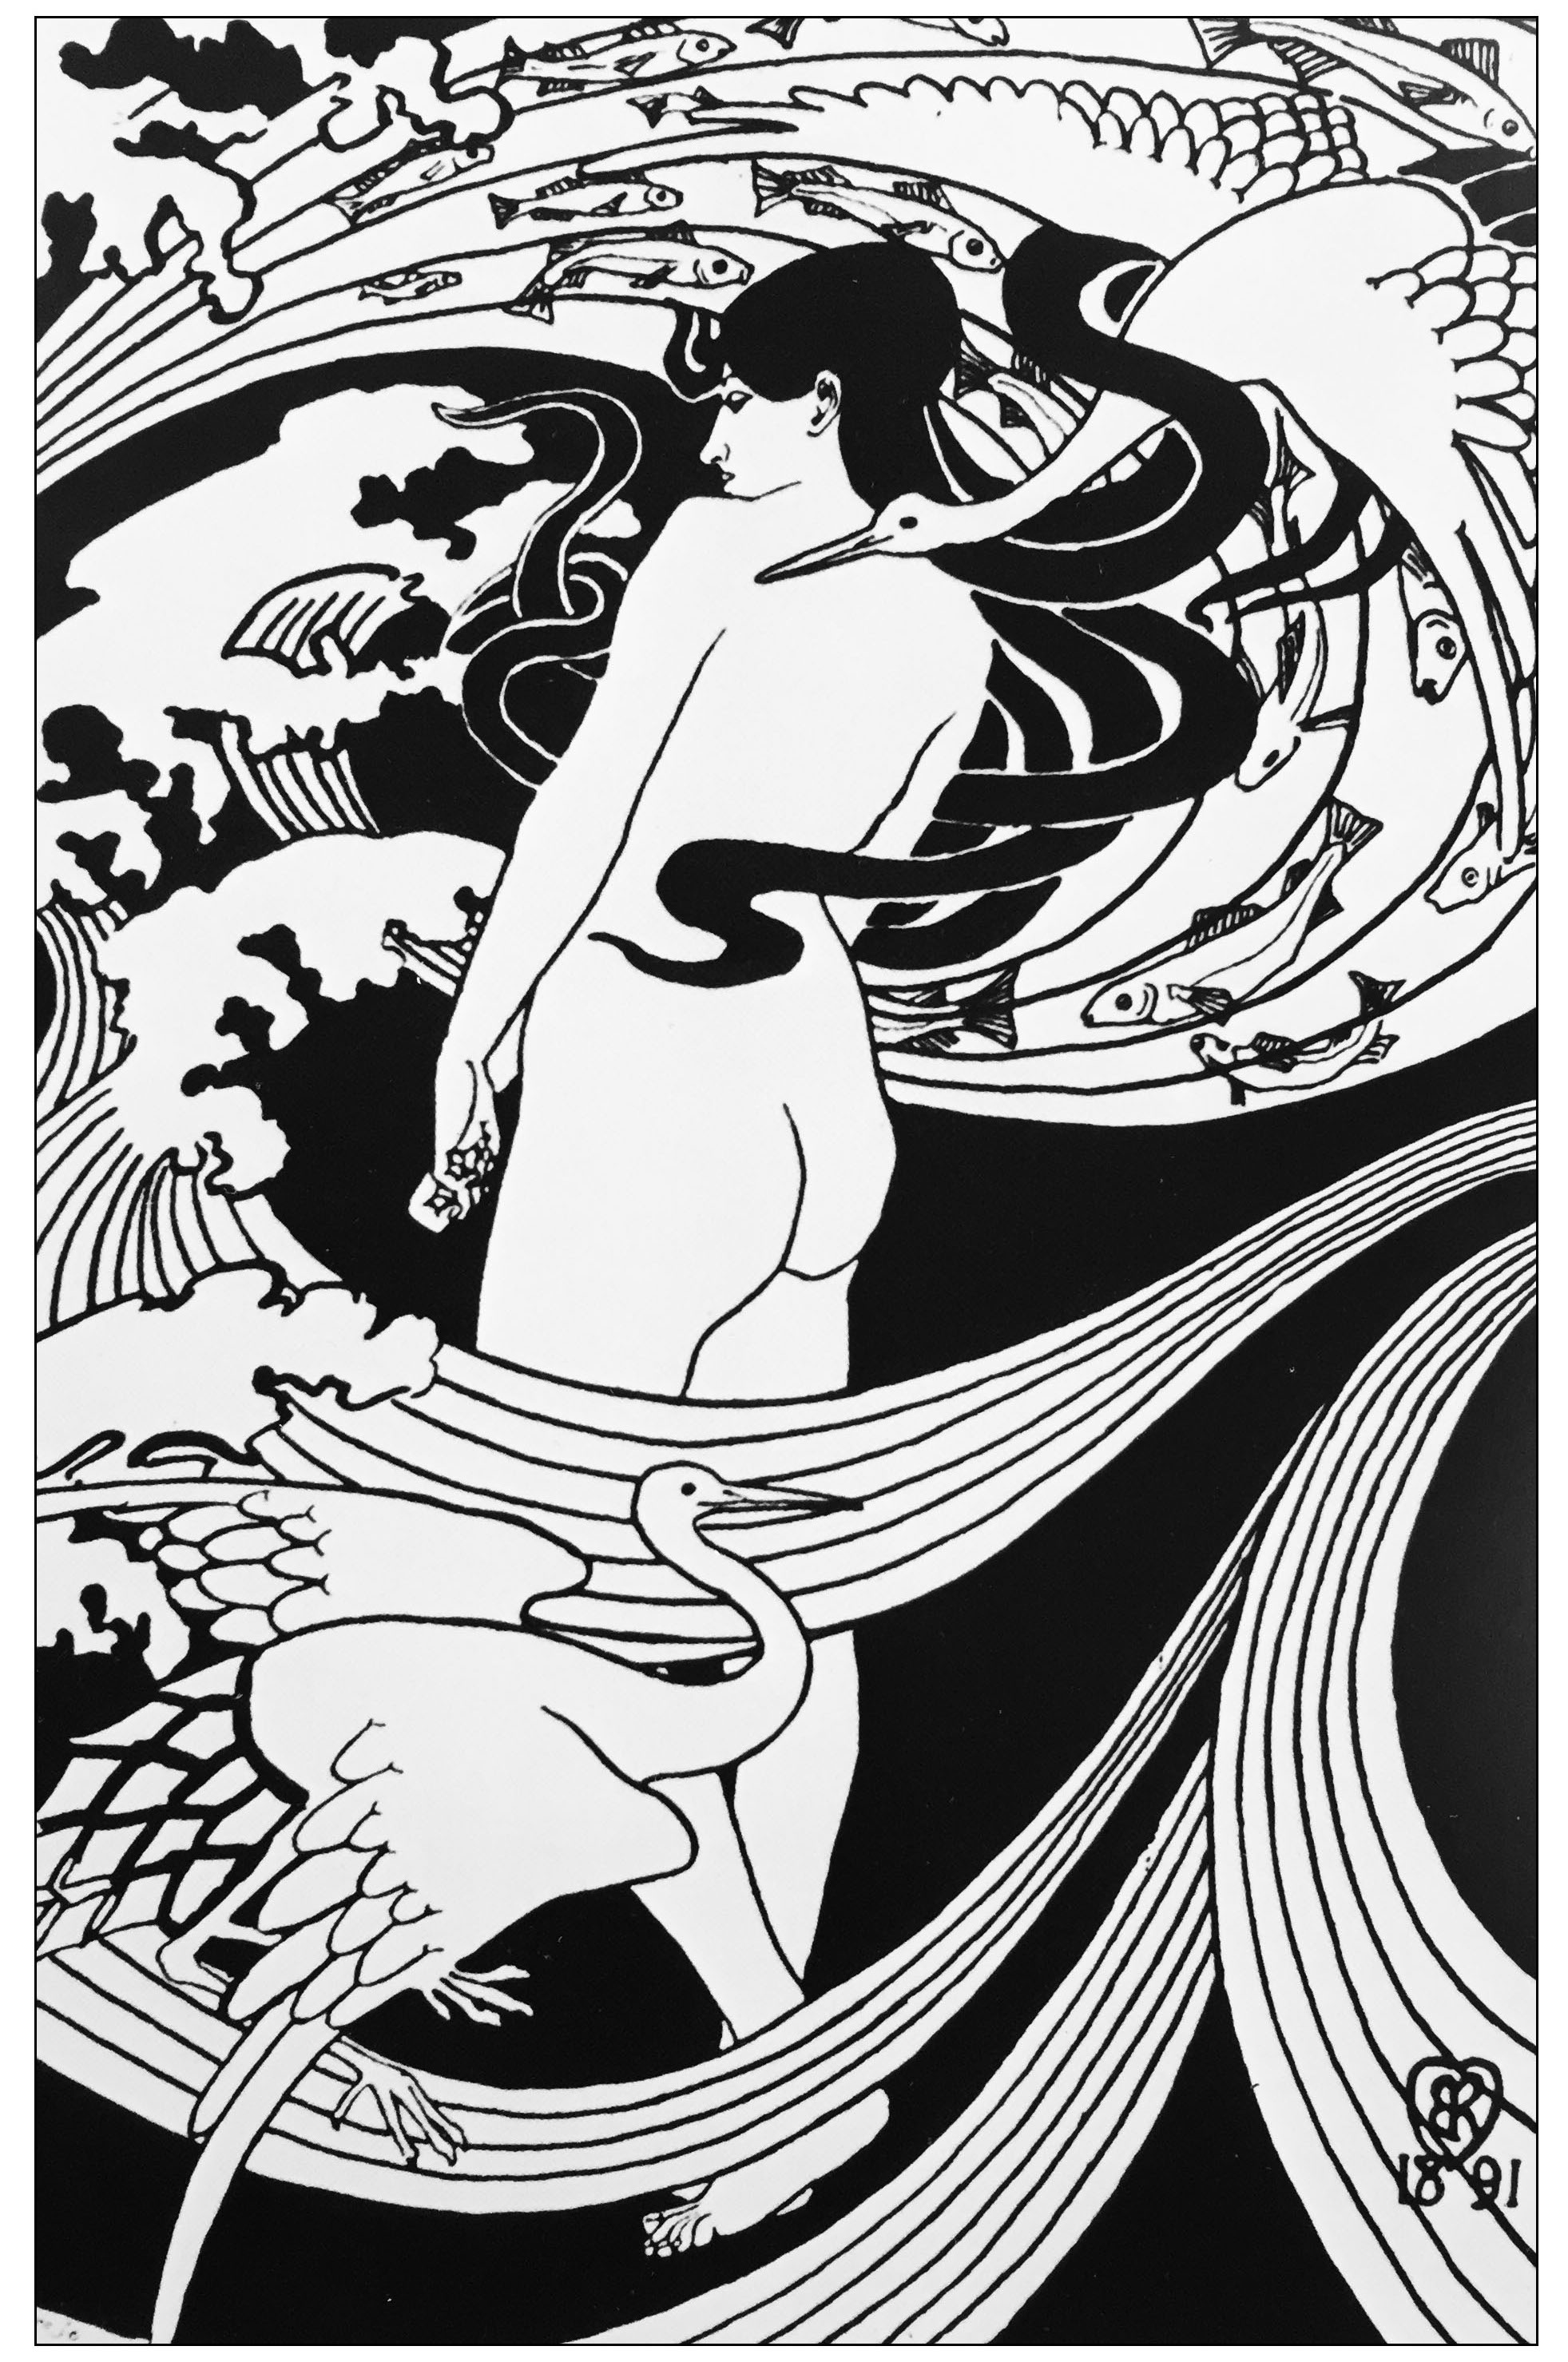 Disegni da colorare per adulti : Art nouveau - 24